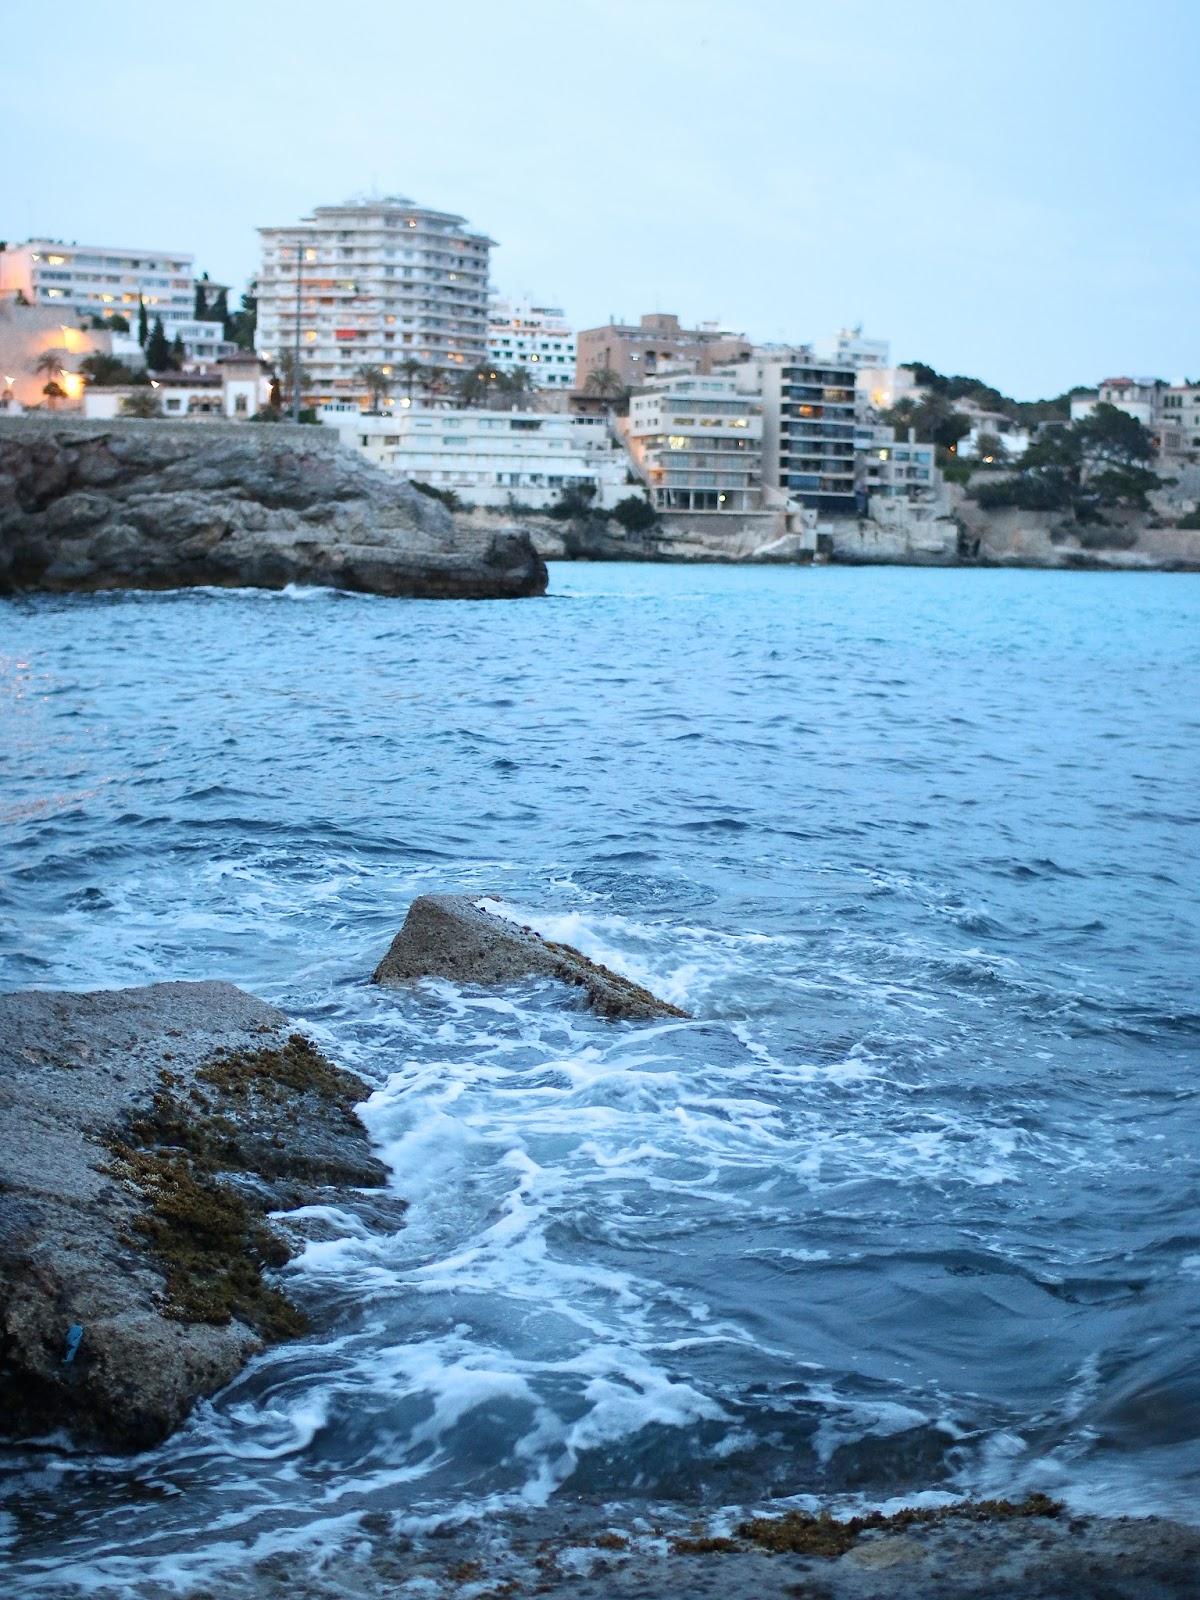 the ocean crashing into the rocks